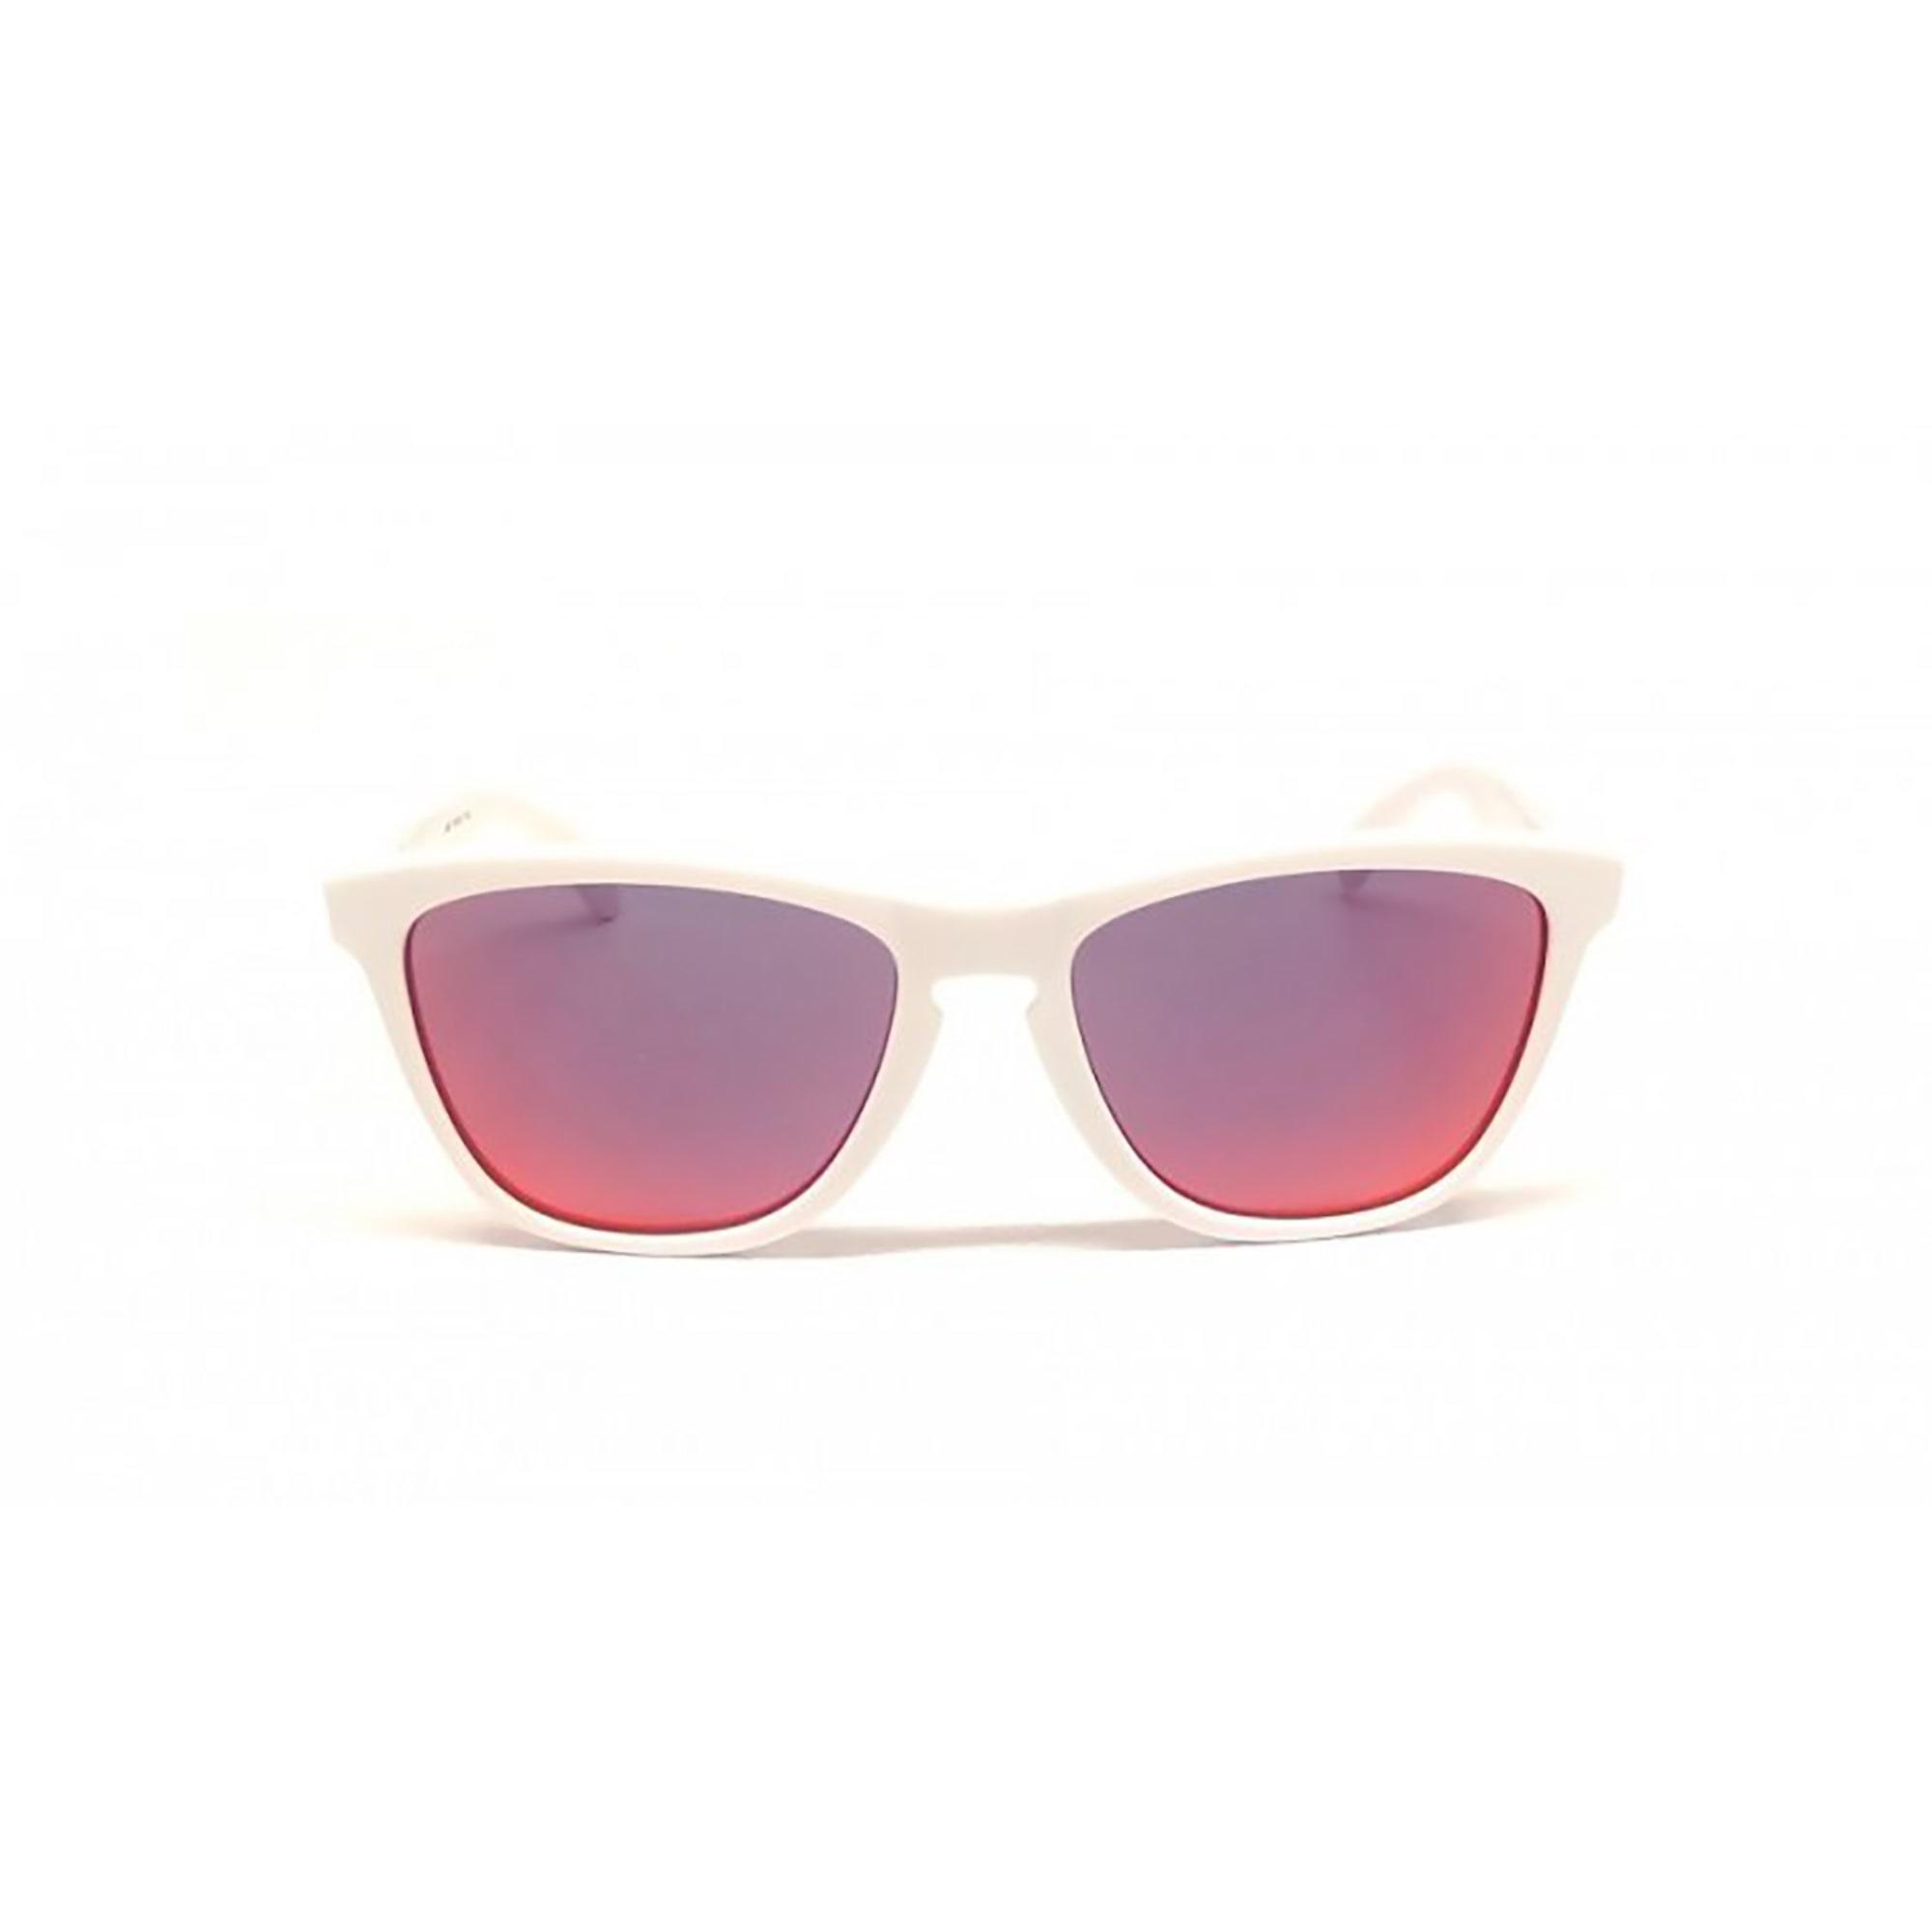 001f914f53ad1 Lunettes de soleil OAKLEY blanc vendu par Zelda zonk - 7951053